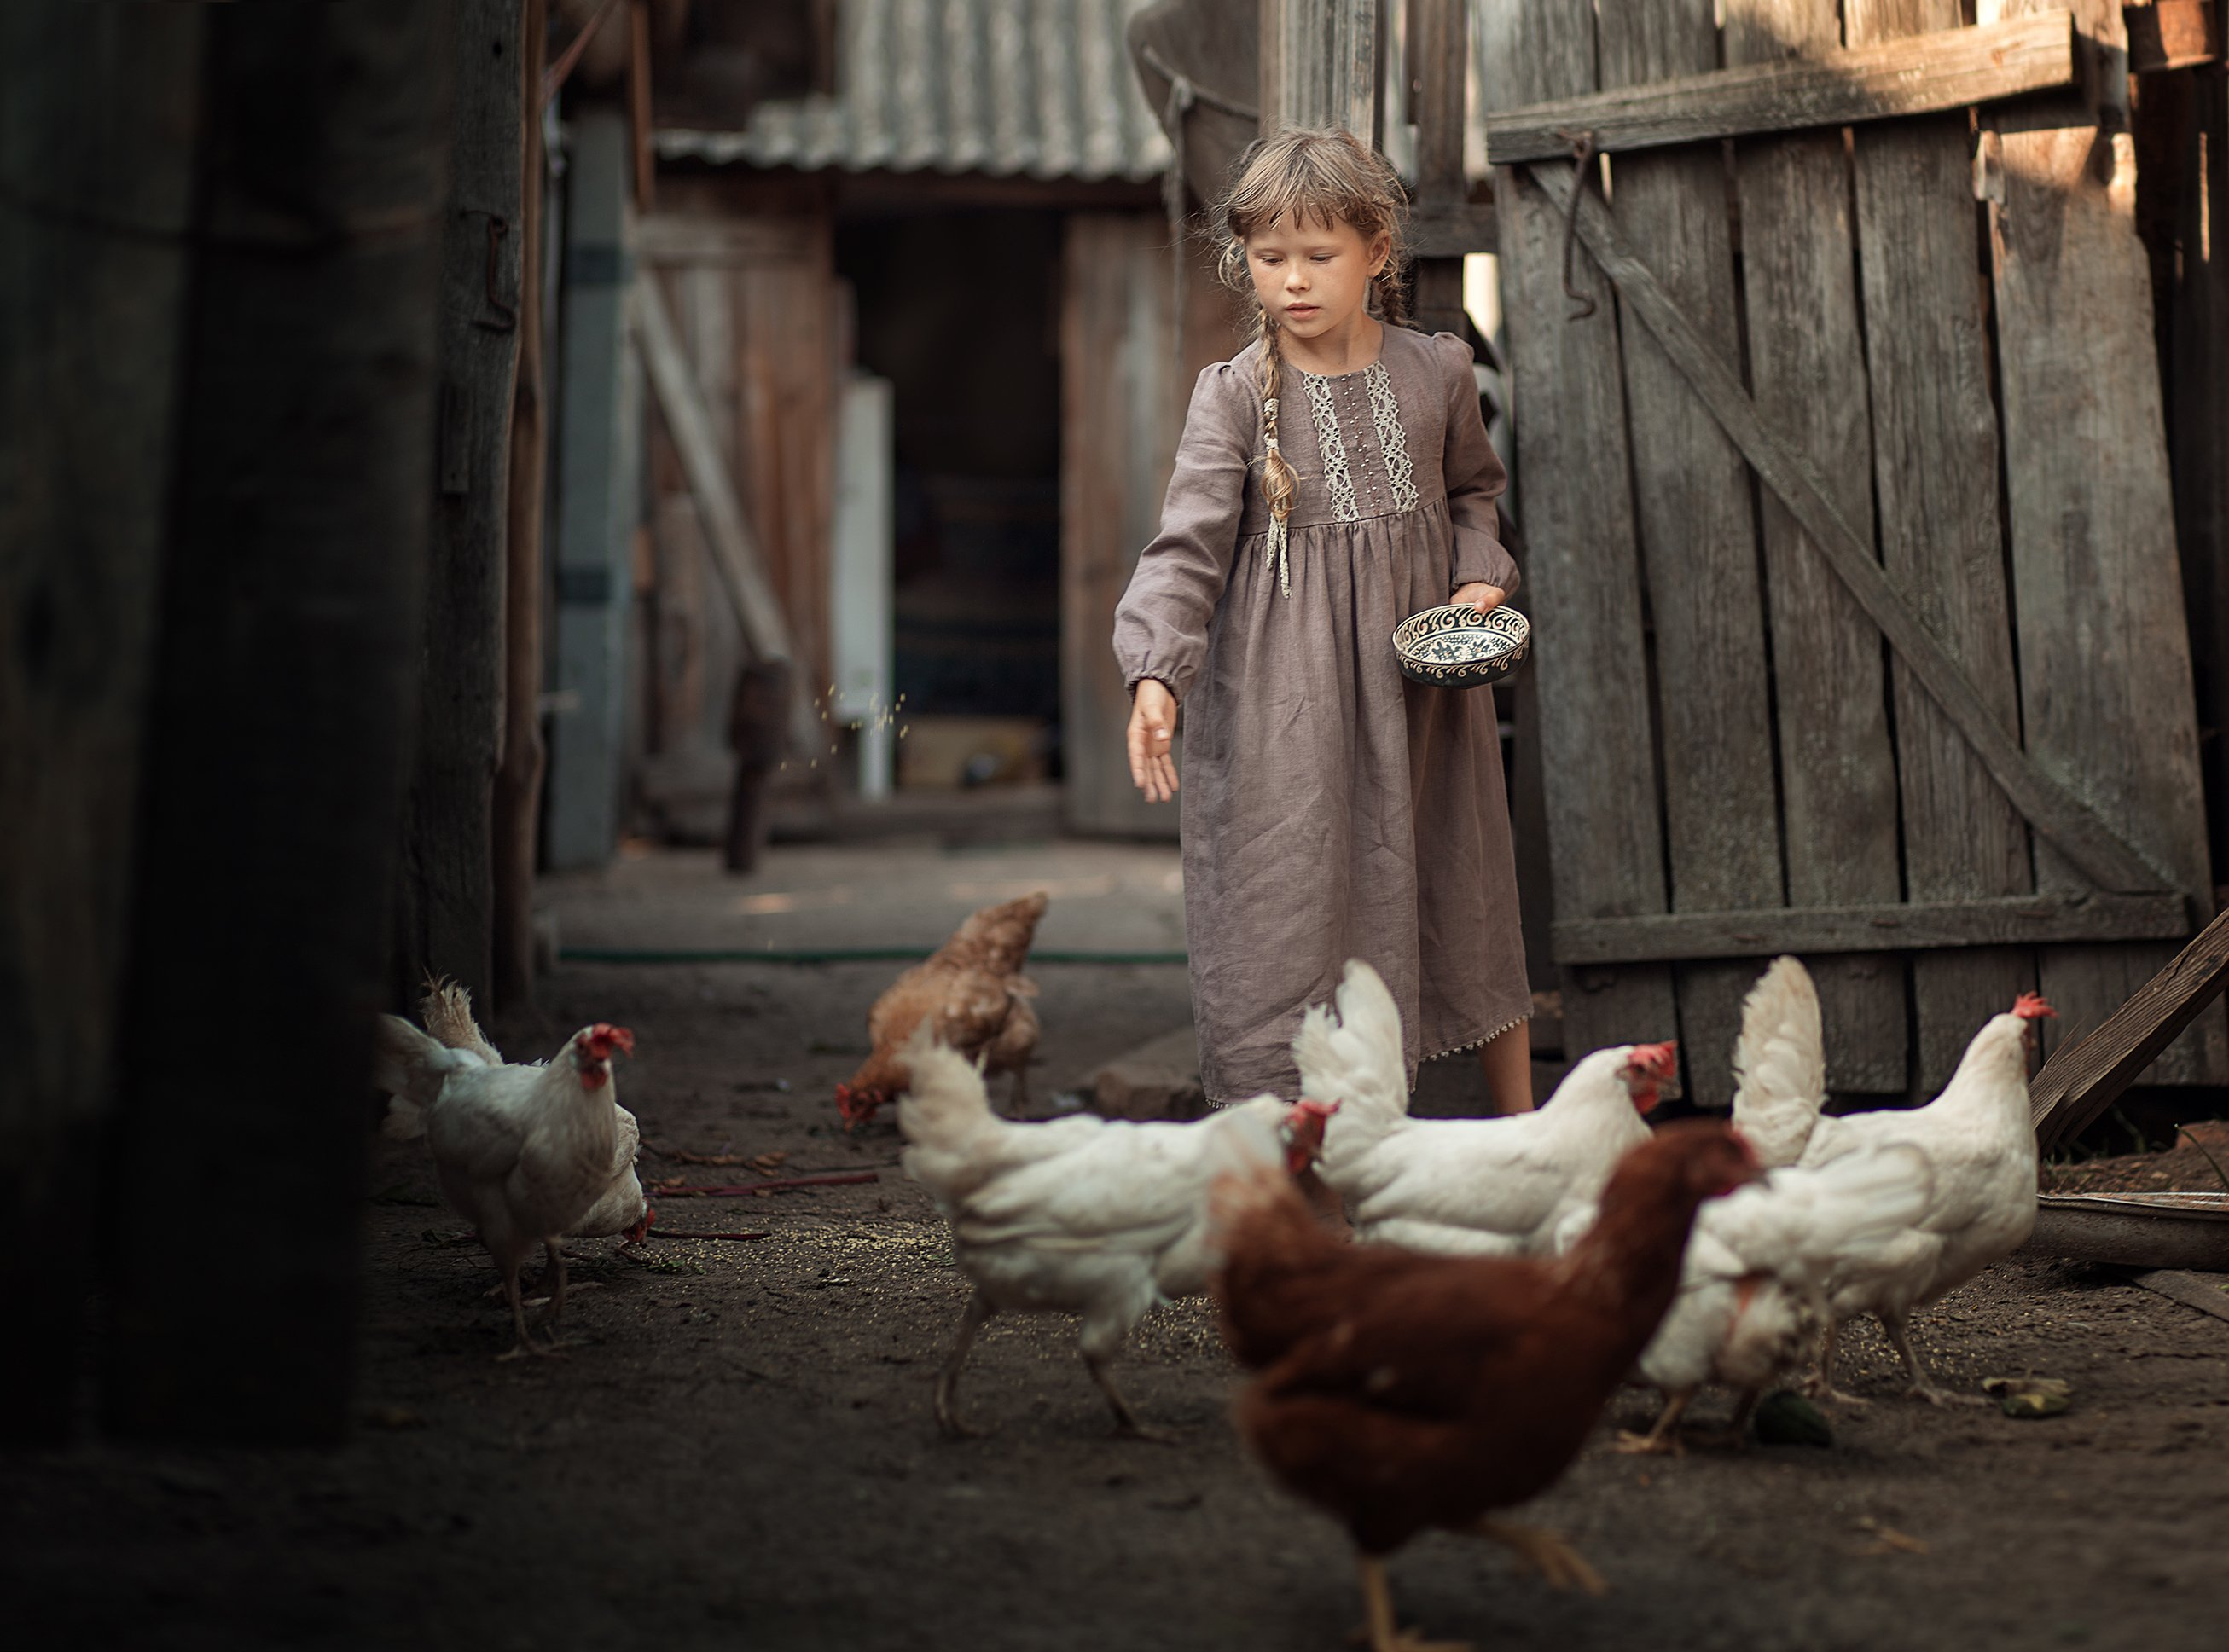 куры, девочка, курятник, лето, деревня, каникулы, земля, Бобровская Людмила